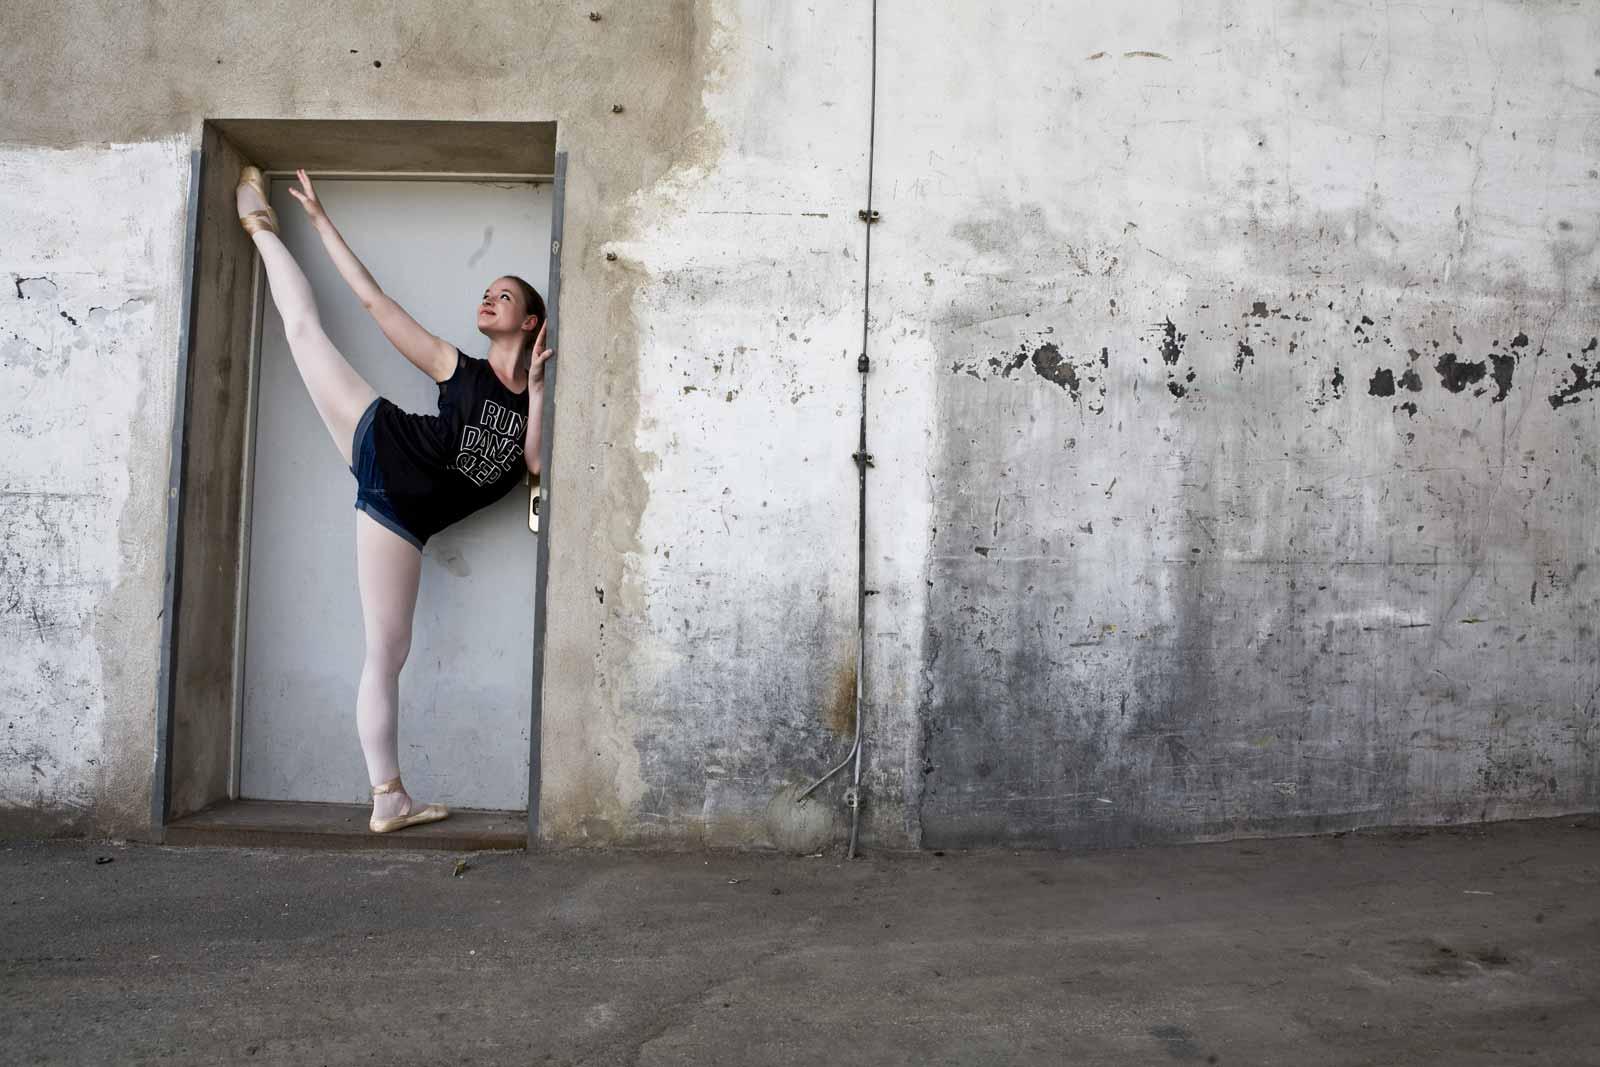 Ballettänzerin von Planetpixl - Fotograf aus Bamberg